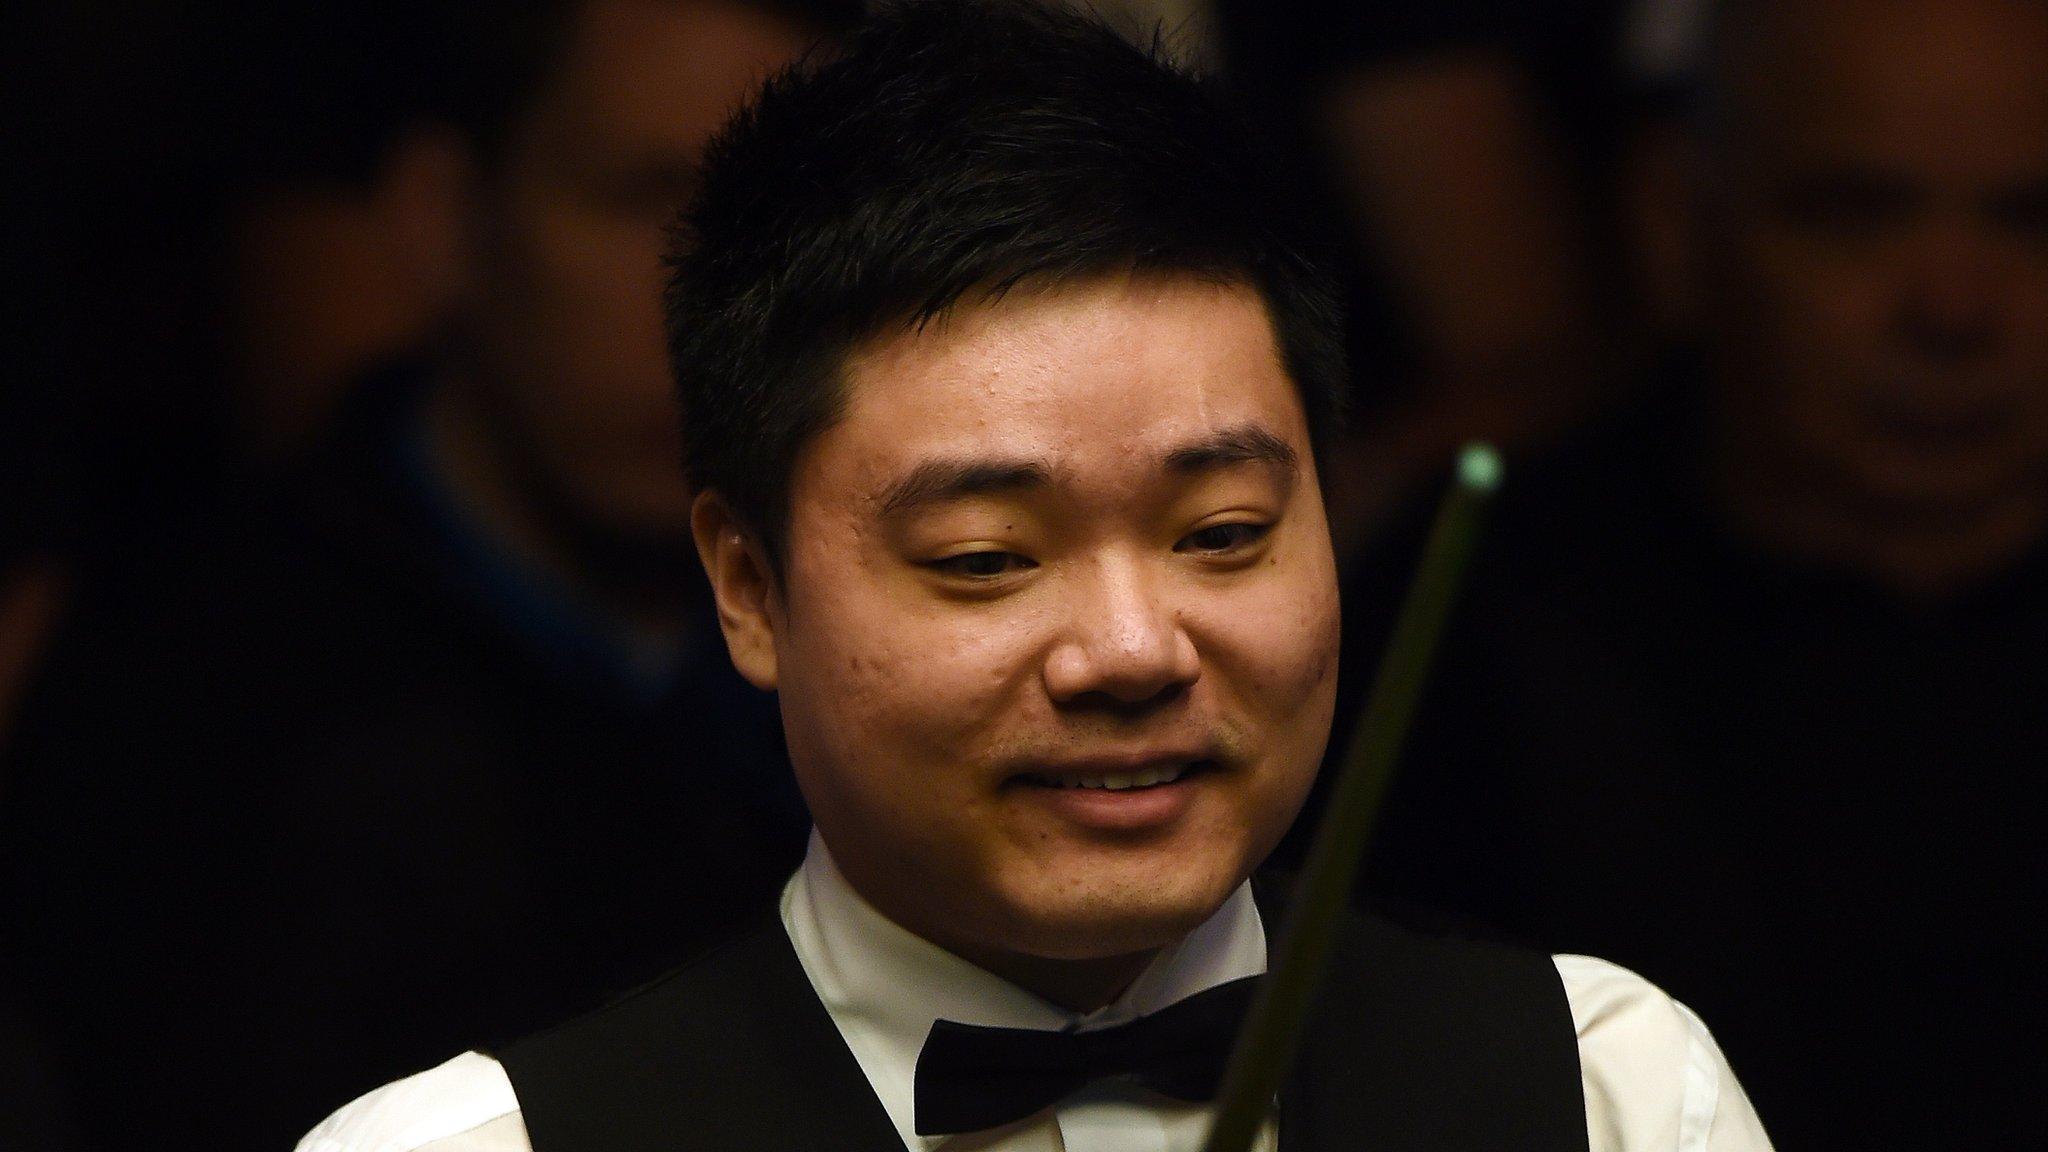 International Championship: Ding Junhui beats Judd Trump to reach final